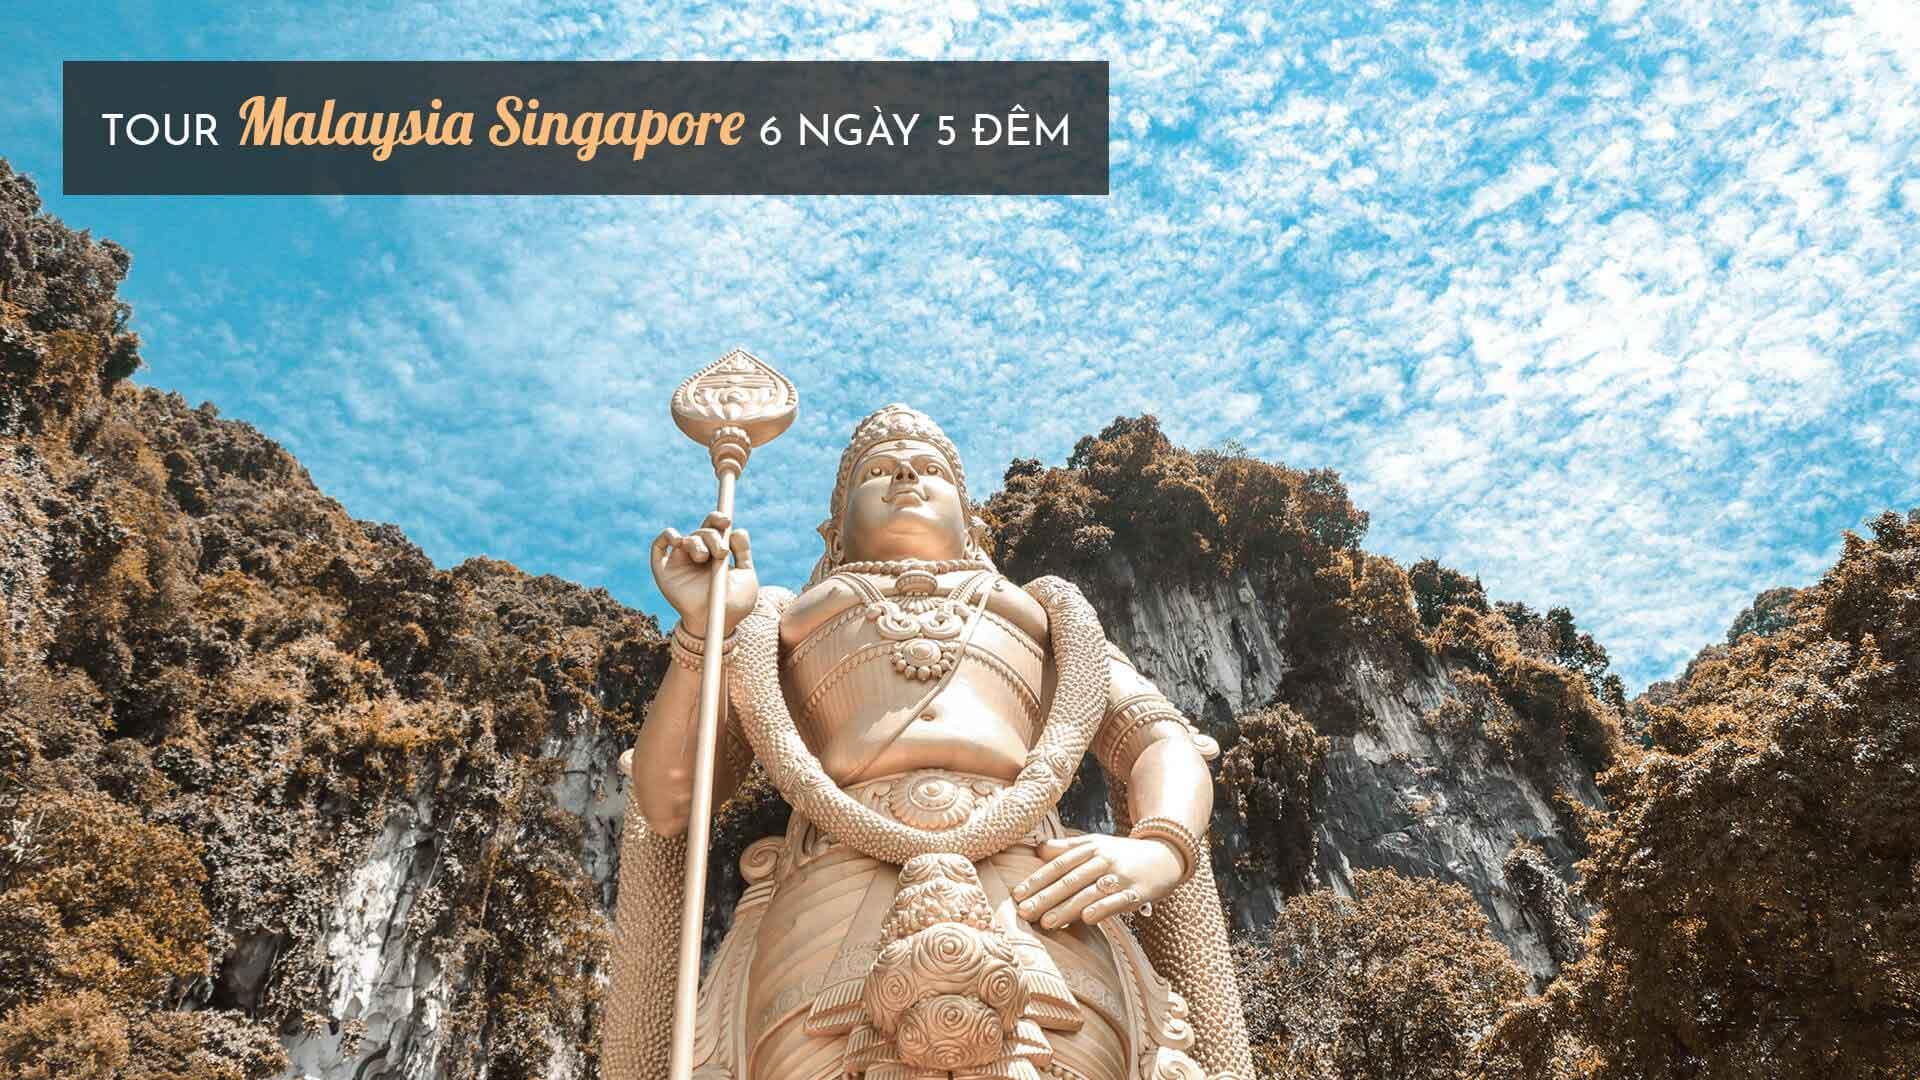 Tour Malaysia Singapore 6 ngày 5 đêm ĐẲNG CẤP có 1-0-2